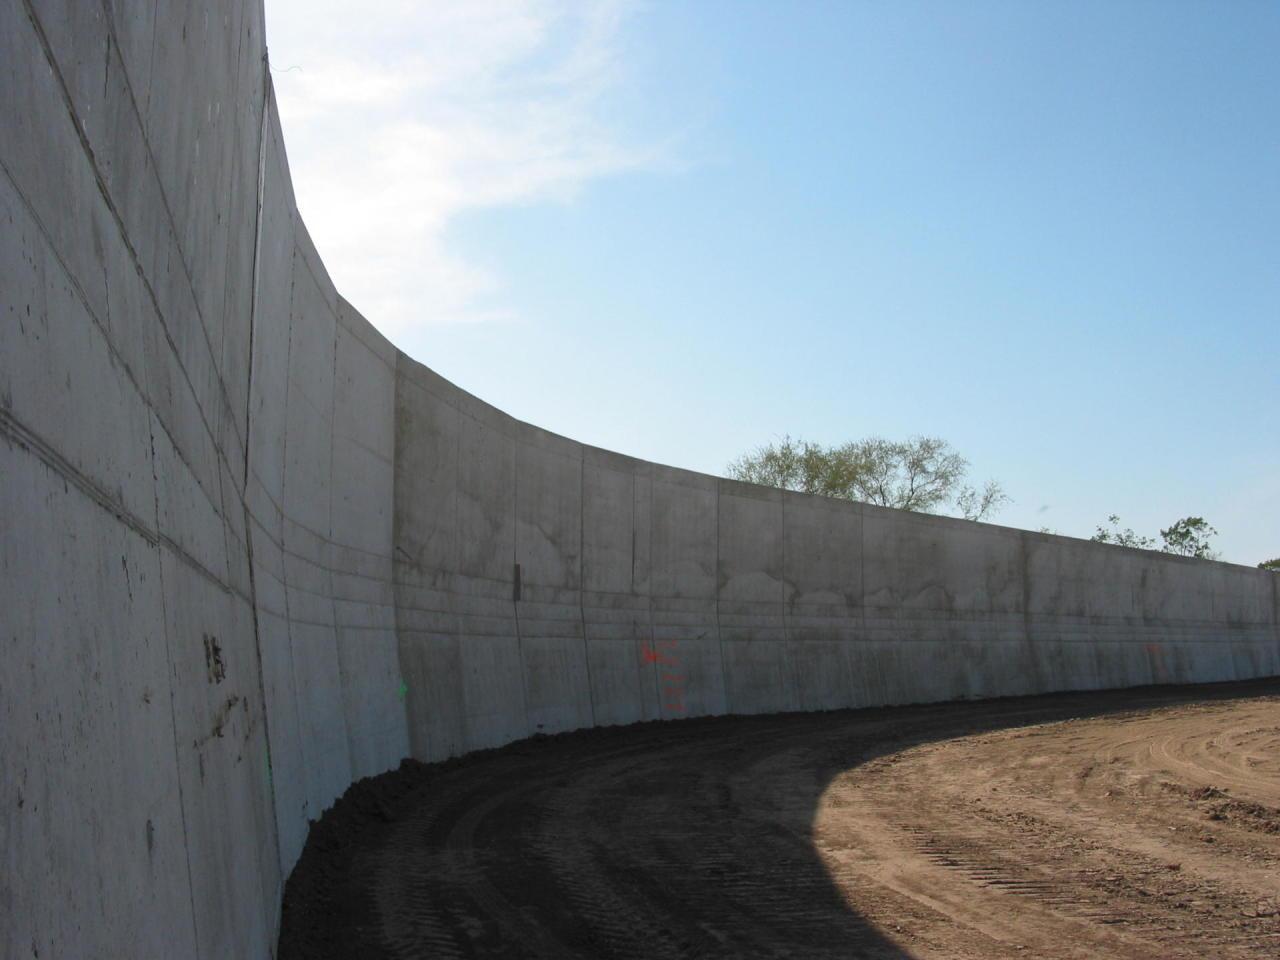 Турция завершает строительство стены на границе с Сирией